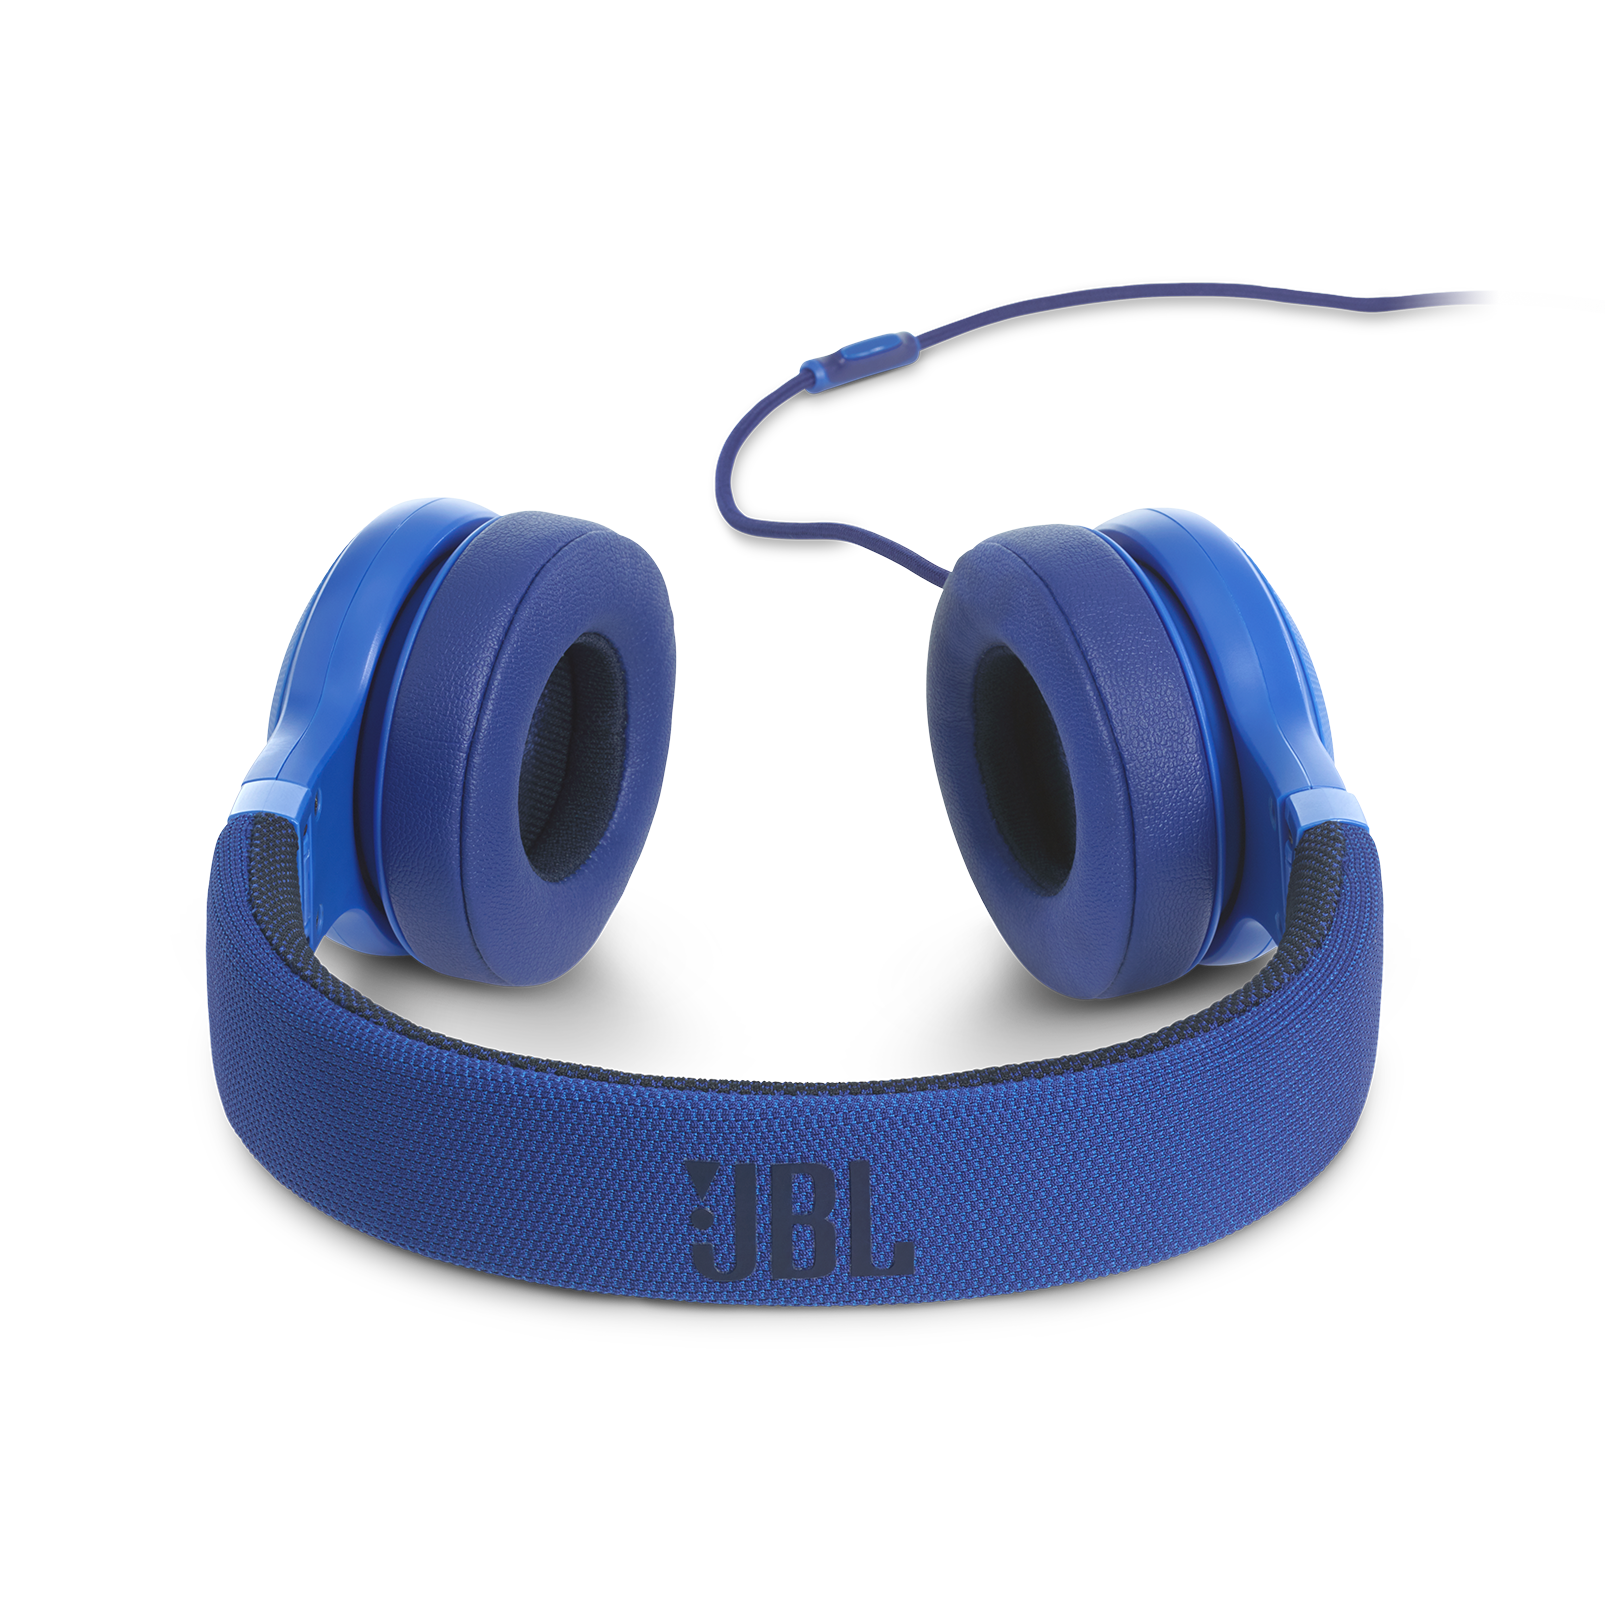 E35 - Blue - On-ear headphones - Detailshot 4